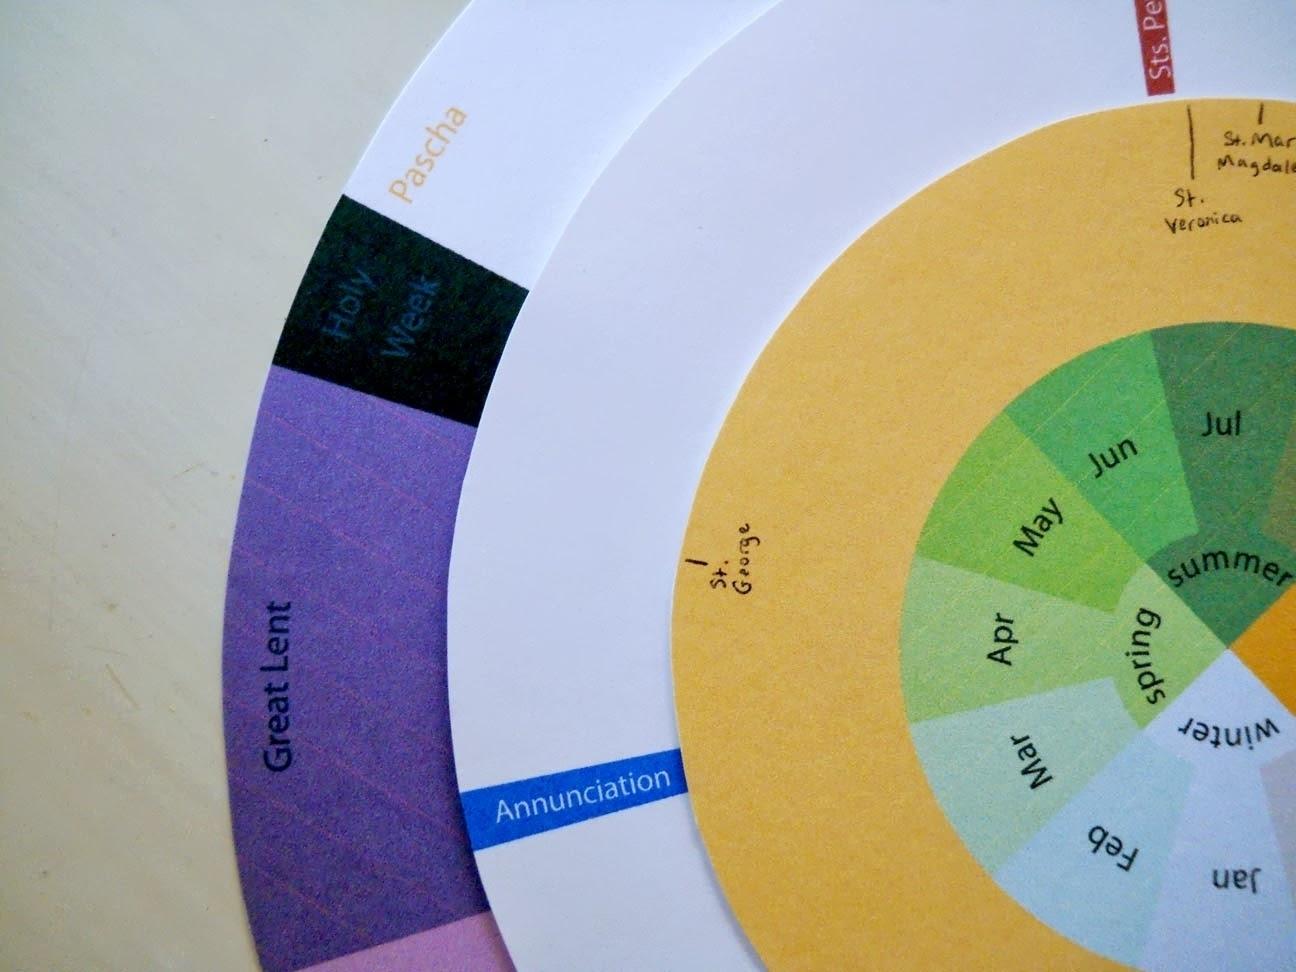 Wheel Of Church Year Printable For Children | Template Calendar within Wheel Of Church Year Printable For Children